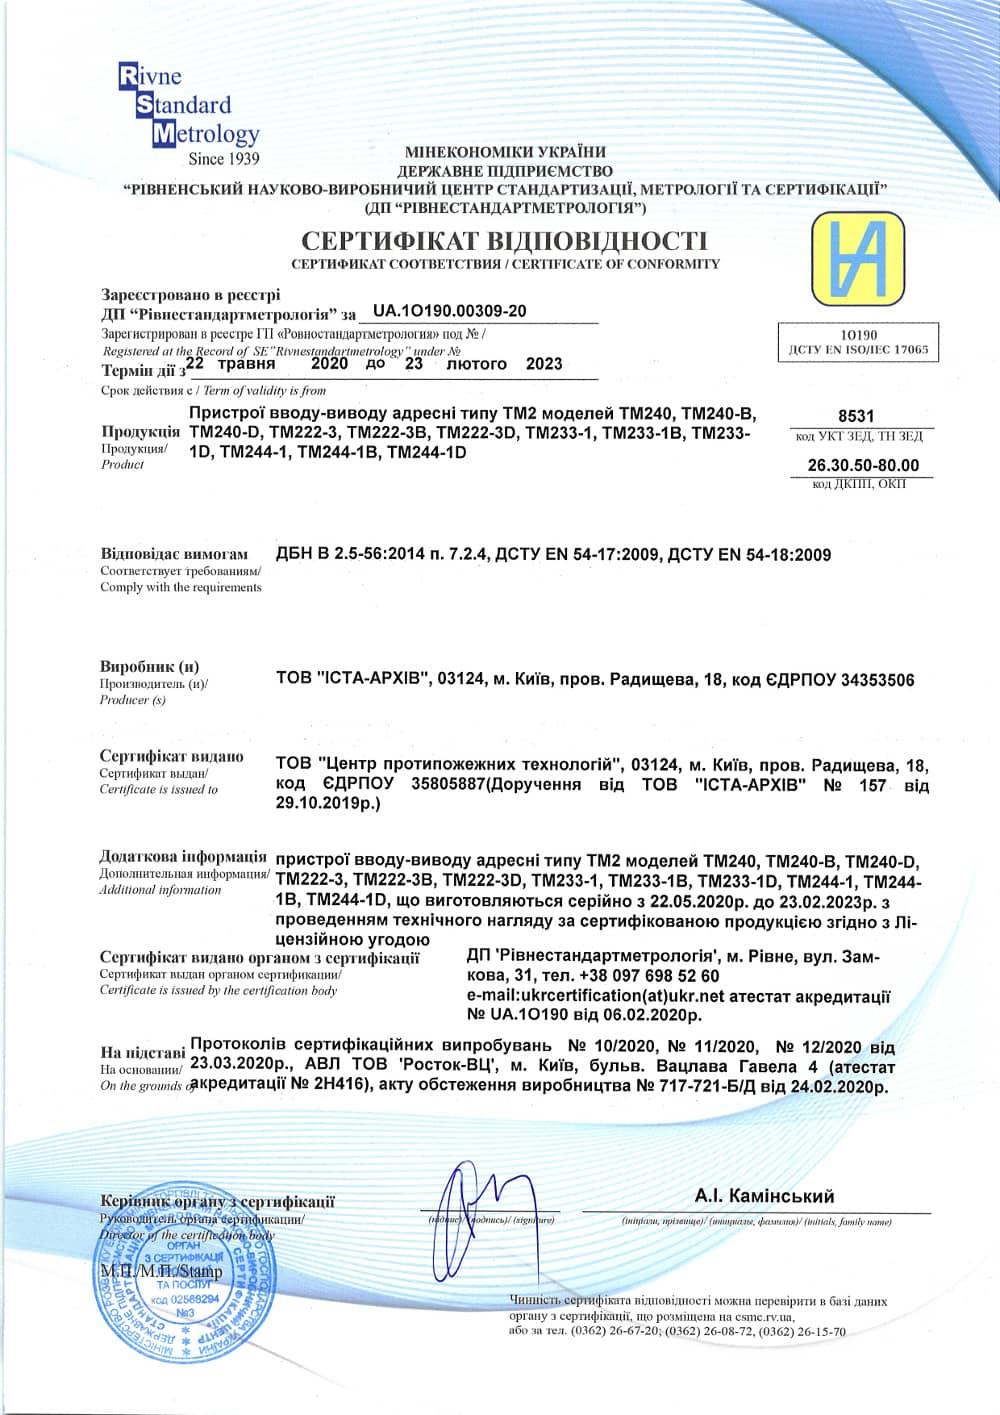 Сертифікат на пристрої вв TM240, TM222-3, TM 233-1, TM244-1